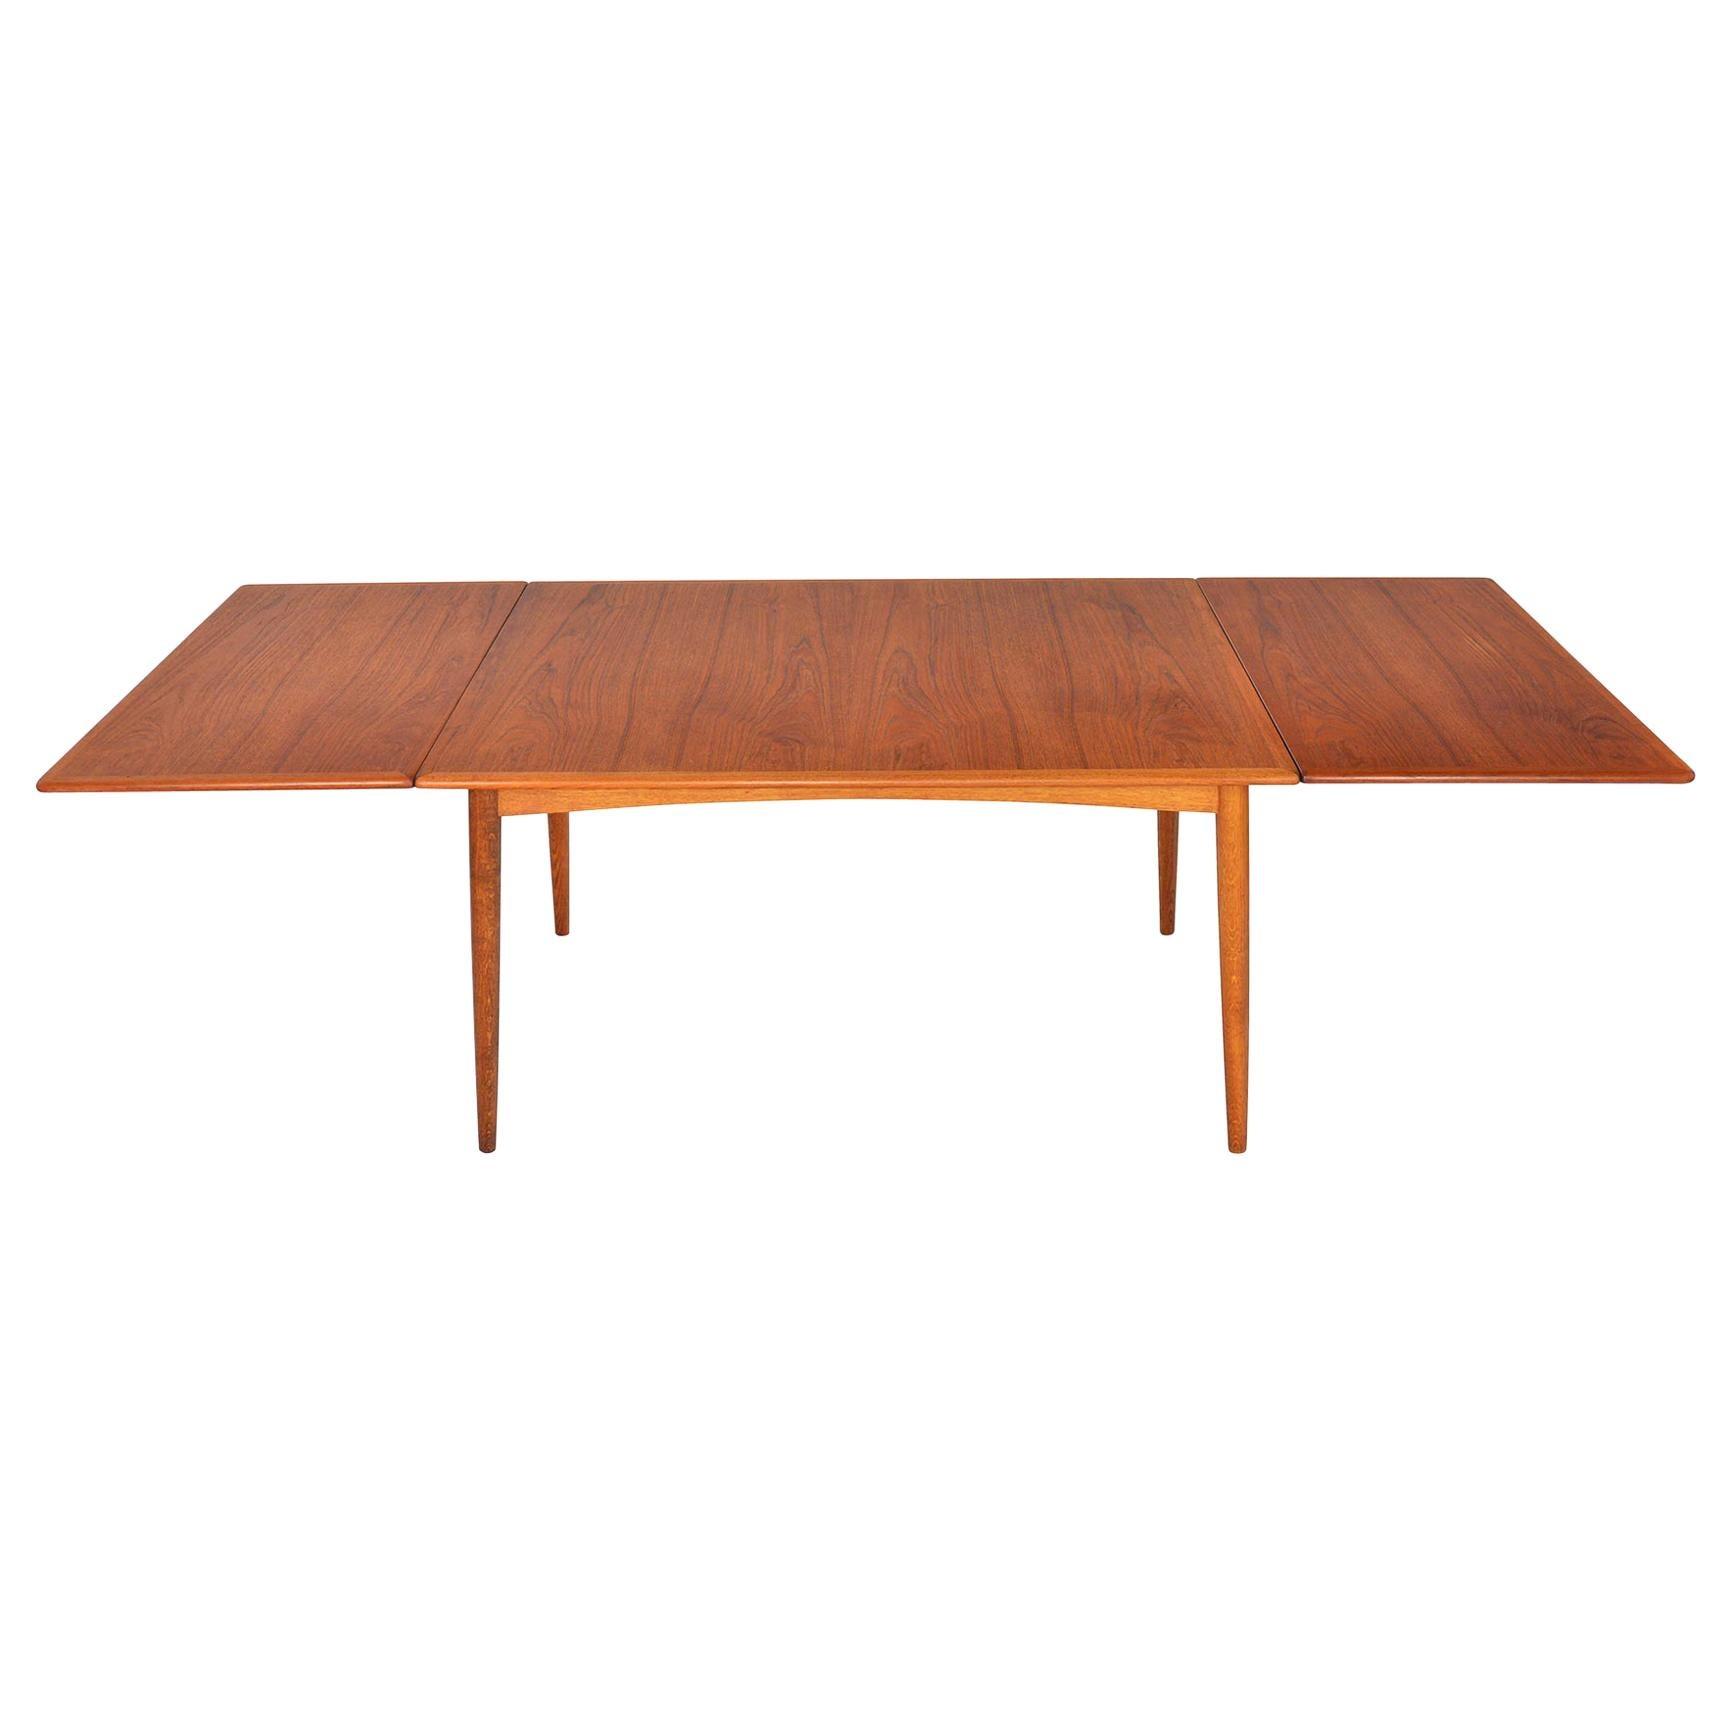 Hans J. Wegner Teak and Oak Drop Leaf Dining Table